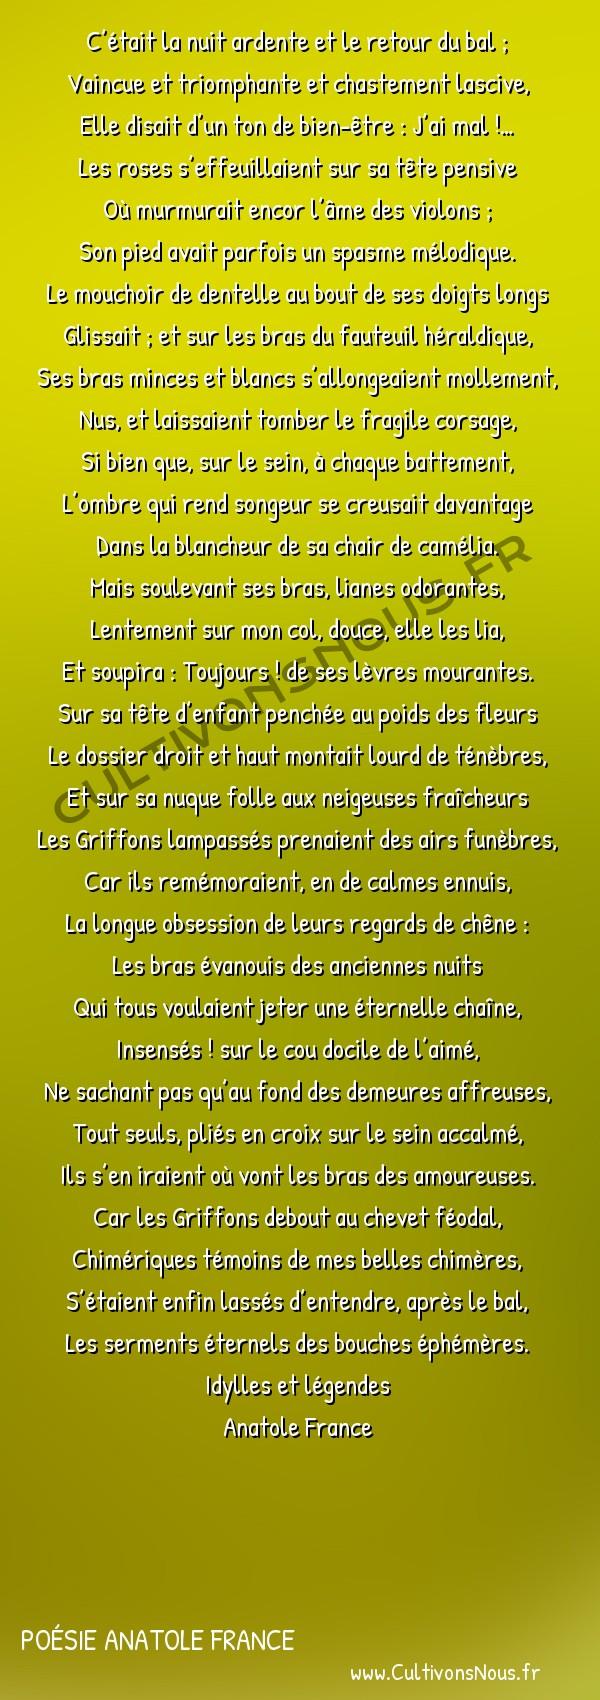 Poésie Anatole France - Idylles et légendes - La sagesse des griffons -  C'était la nuit ardente et le retour du bal ; Vaincue et triomphante et chastement lascive,